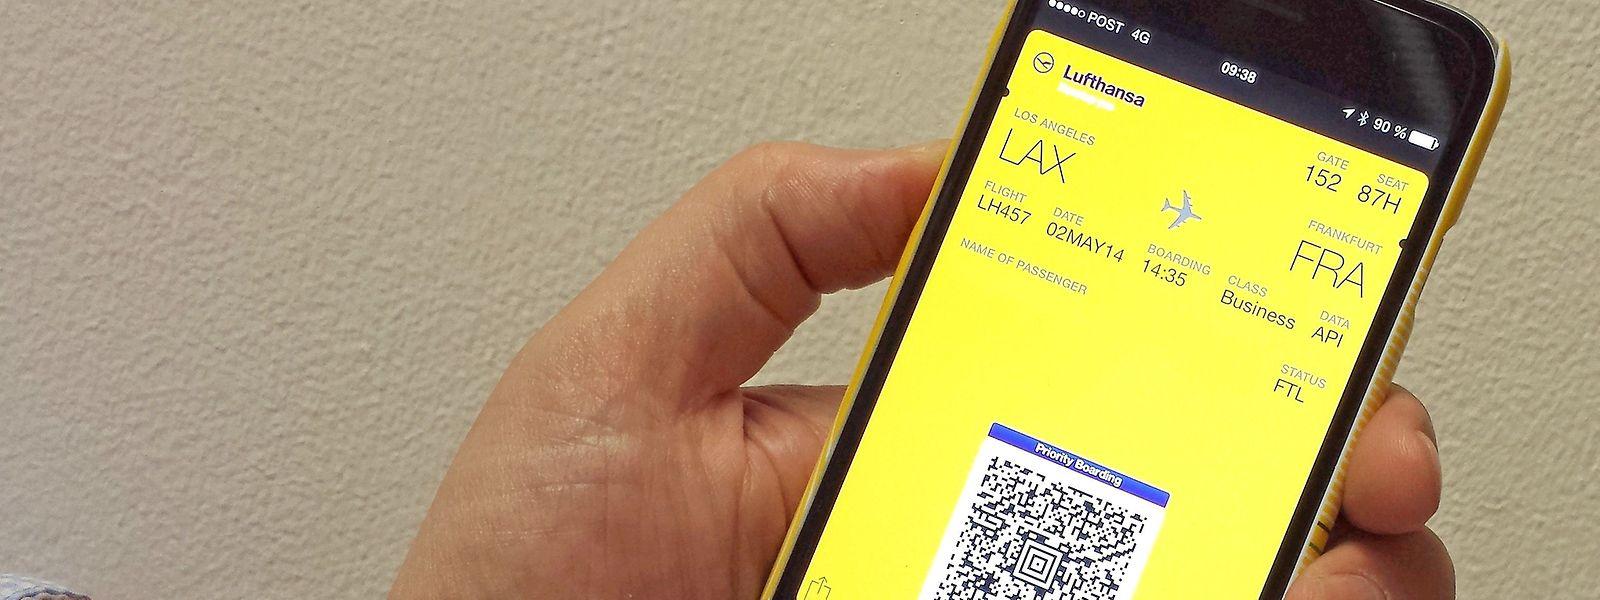 Bordkarte auf dem Smartphone: Leerer Akku kann ein Problem sein